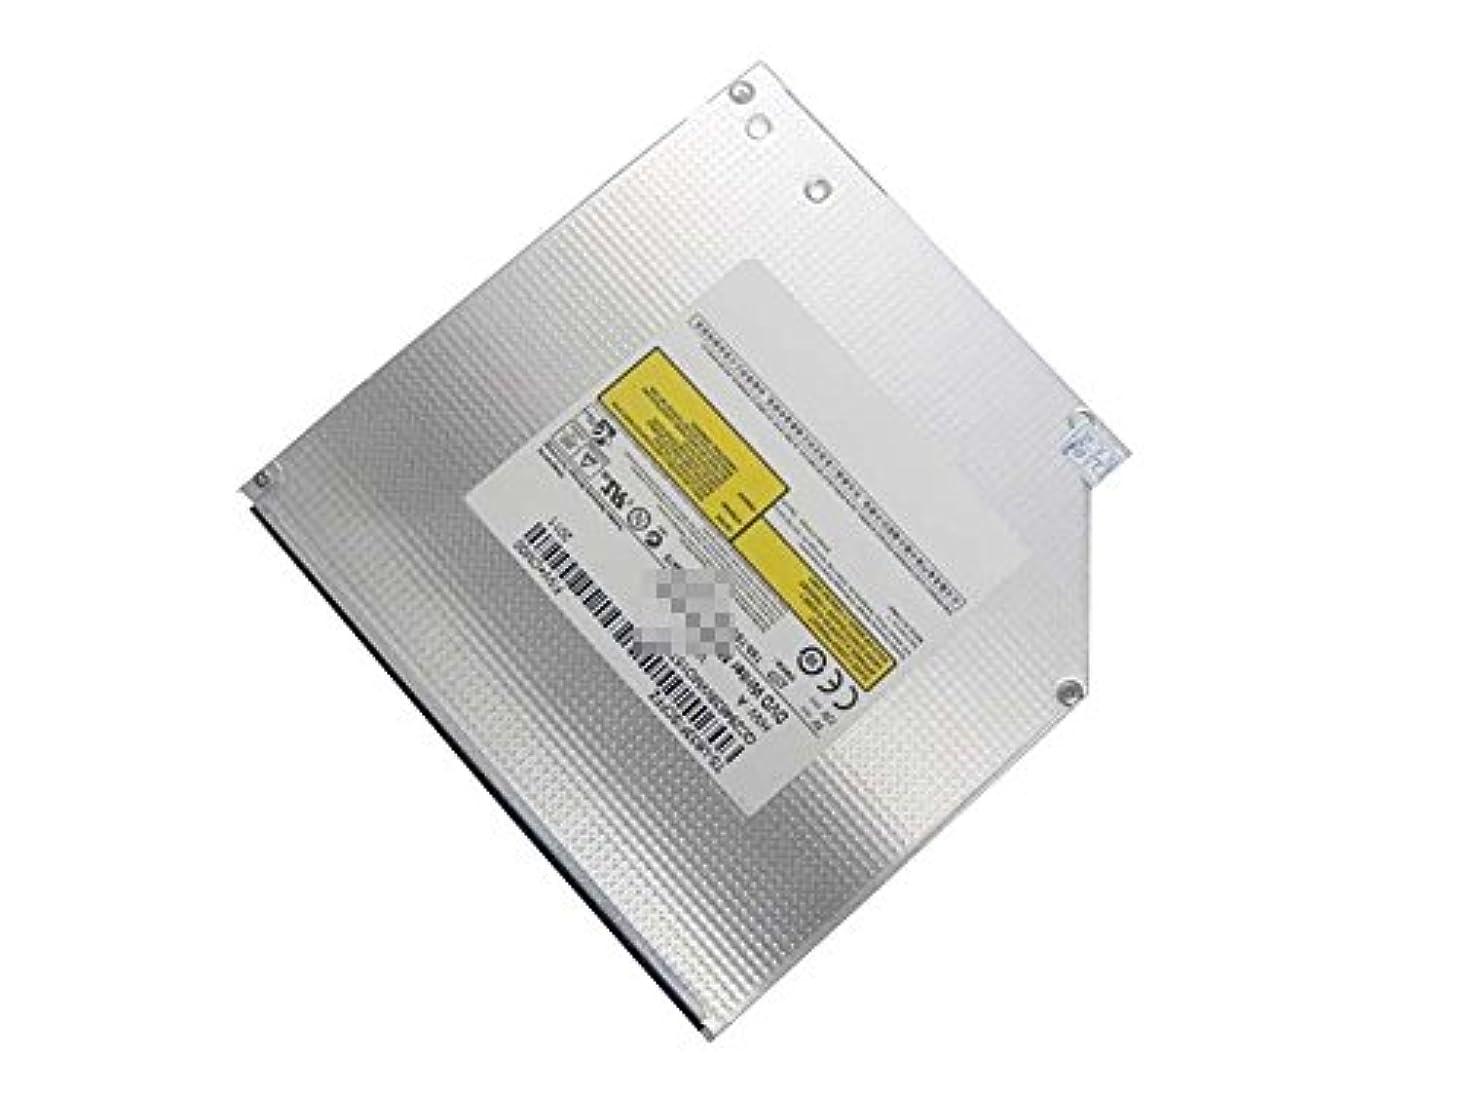 赤面切り下げ理由DVDドライブ/DVDスーパーマルチドライブ 9.5mm SATA (トレイ方式) 内蔵型 適用す るNEC LaVie S LS150/TSR PC-LS150TSR LS150/TSB PC-LS150TSB LS150/SSR PC-LS150SSR LS150/SSB PC-LS150SSB 修理交換用